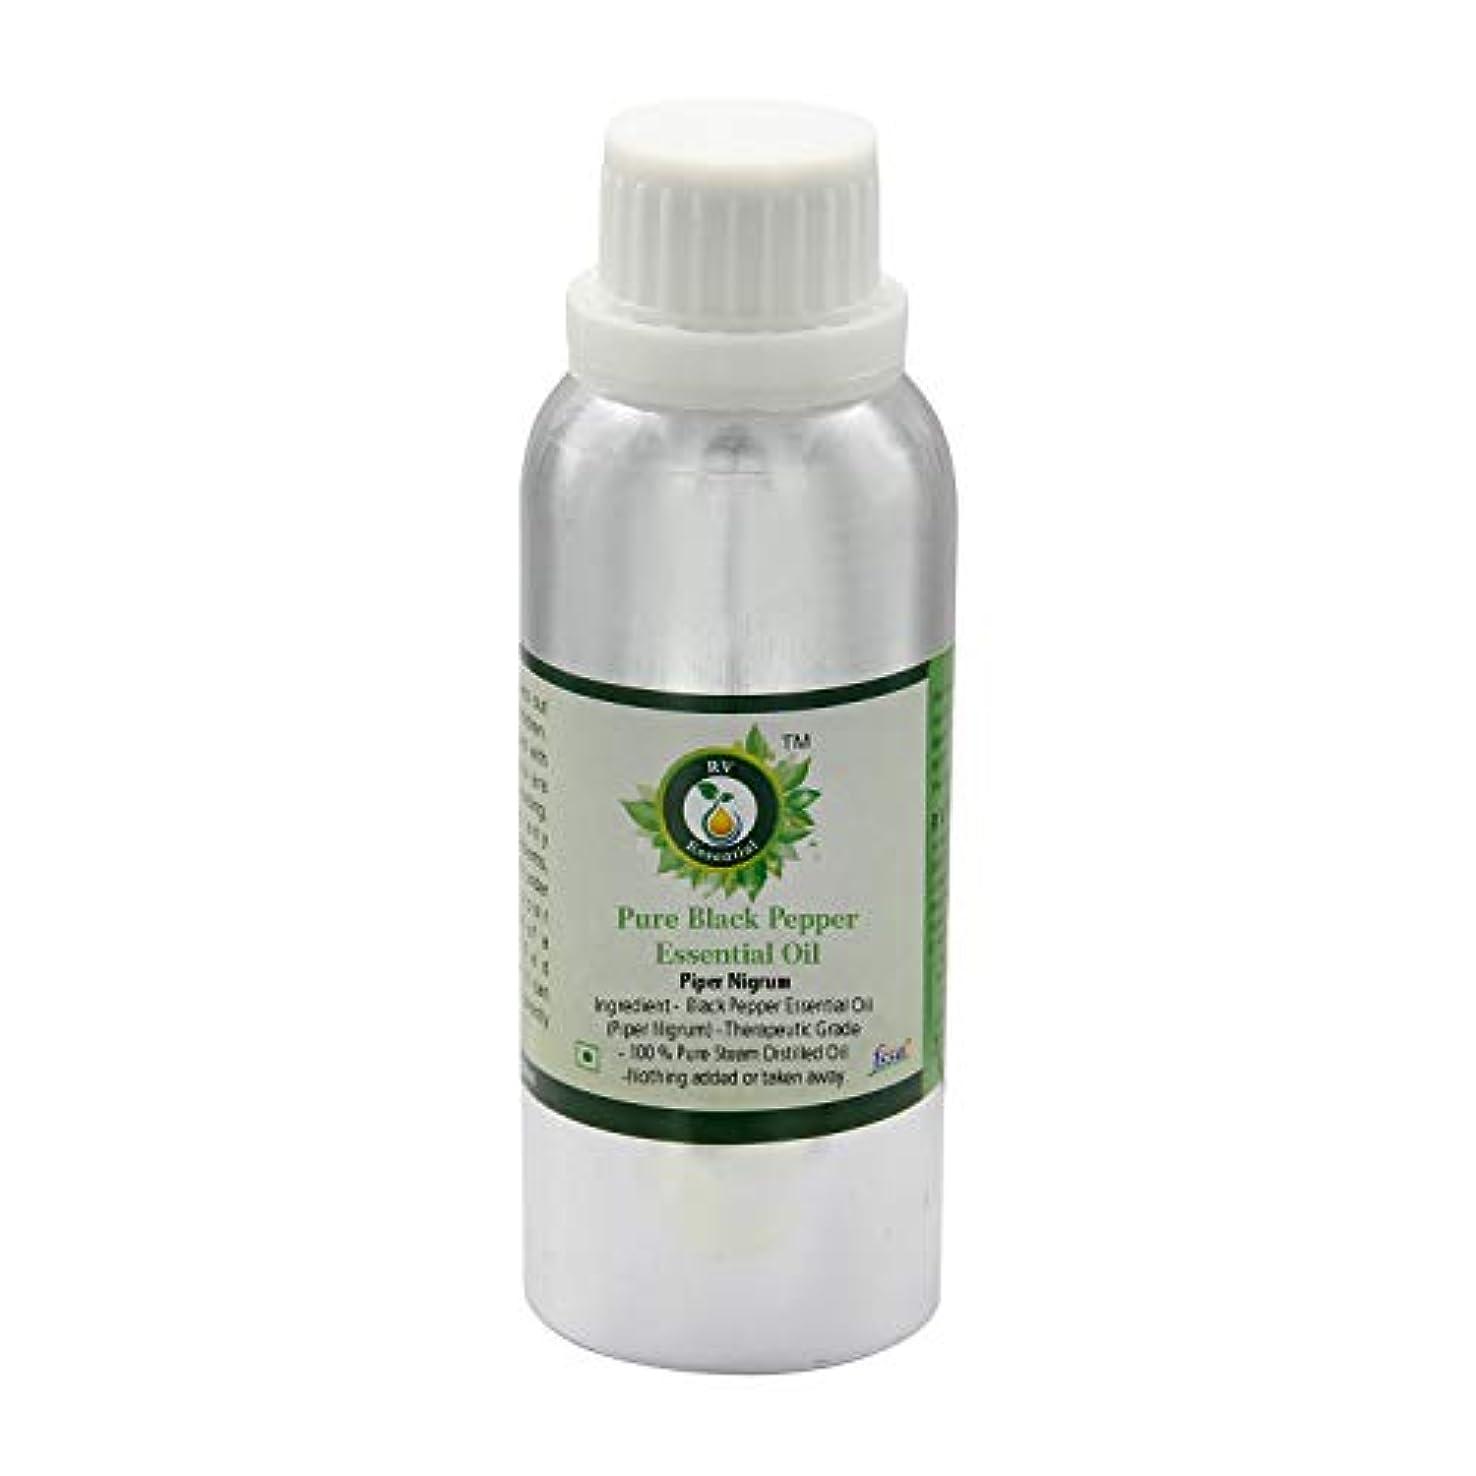 急降下証人風味R V Essential ピュアブラックペッパーエッセンシャルオイル630ml (21oz)- Piper Nigrum (100%純粋&天然スチームDistilled) Pure Black Pepper Essential...